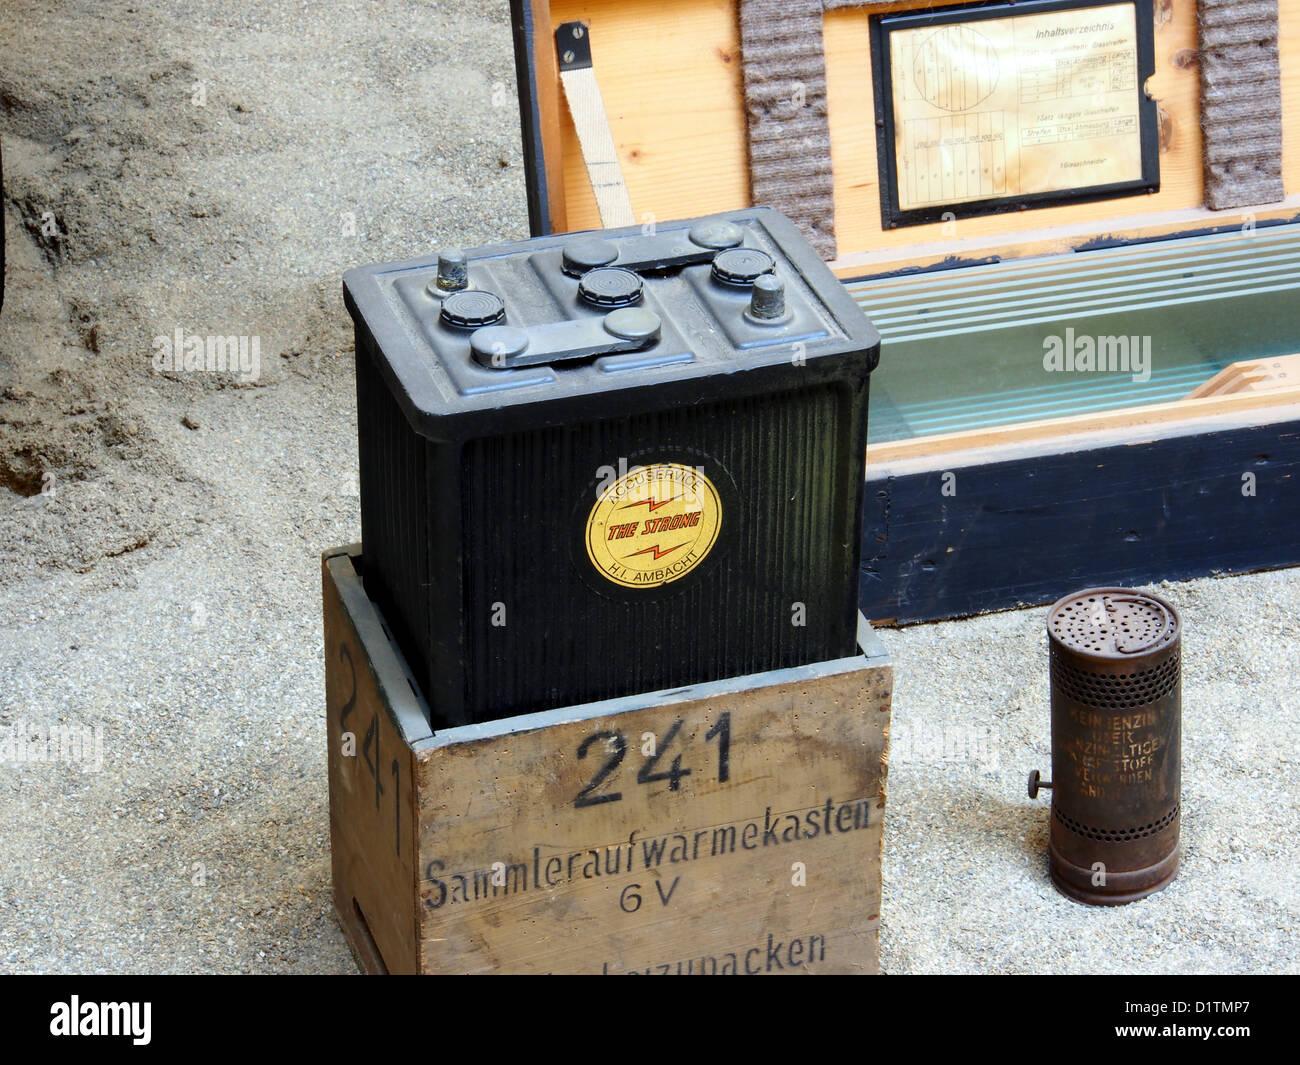 Kriegsmuseum Overloon... Die starke Batterie, Accuservice H I Ambacht, Sammleraufwarmekasten 6V nad Heizung Stockfoto